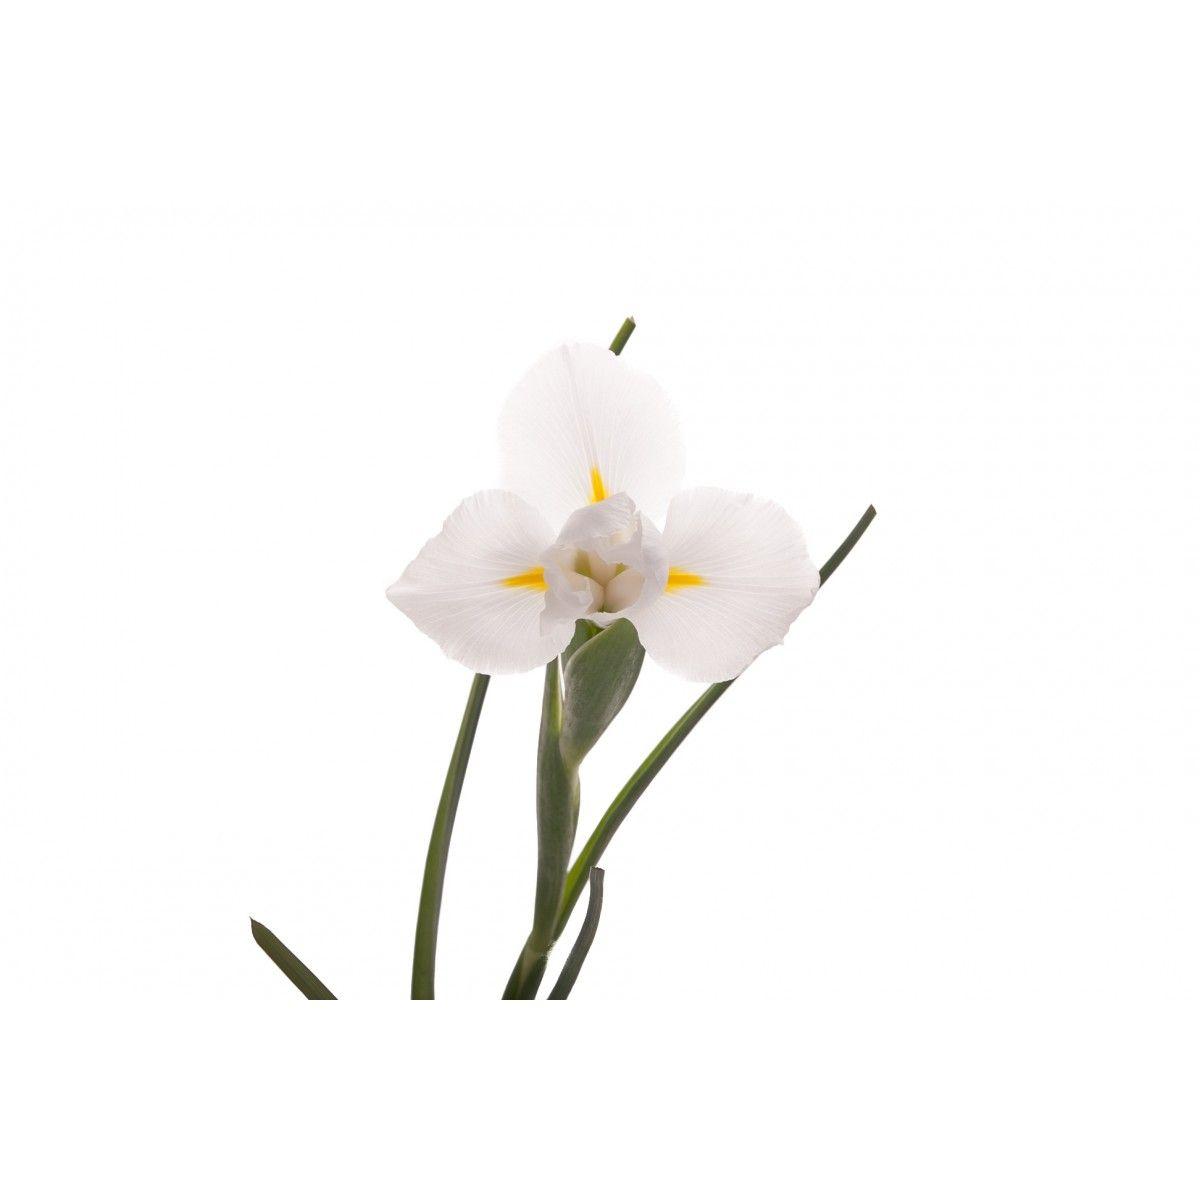 White Iris Iriss Pinterest White Iris Iris And Iris Flowers